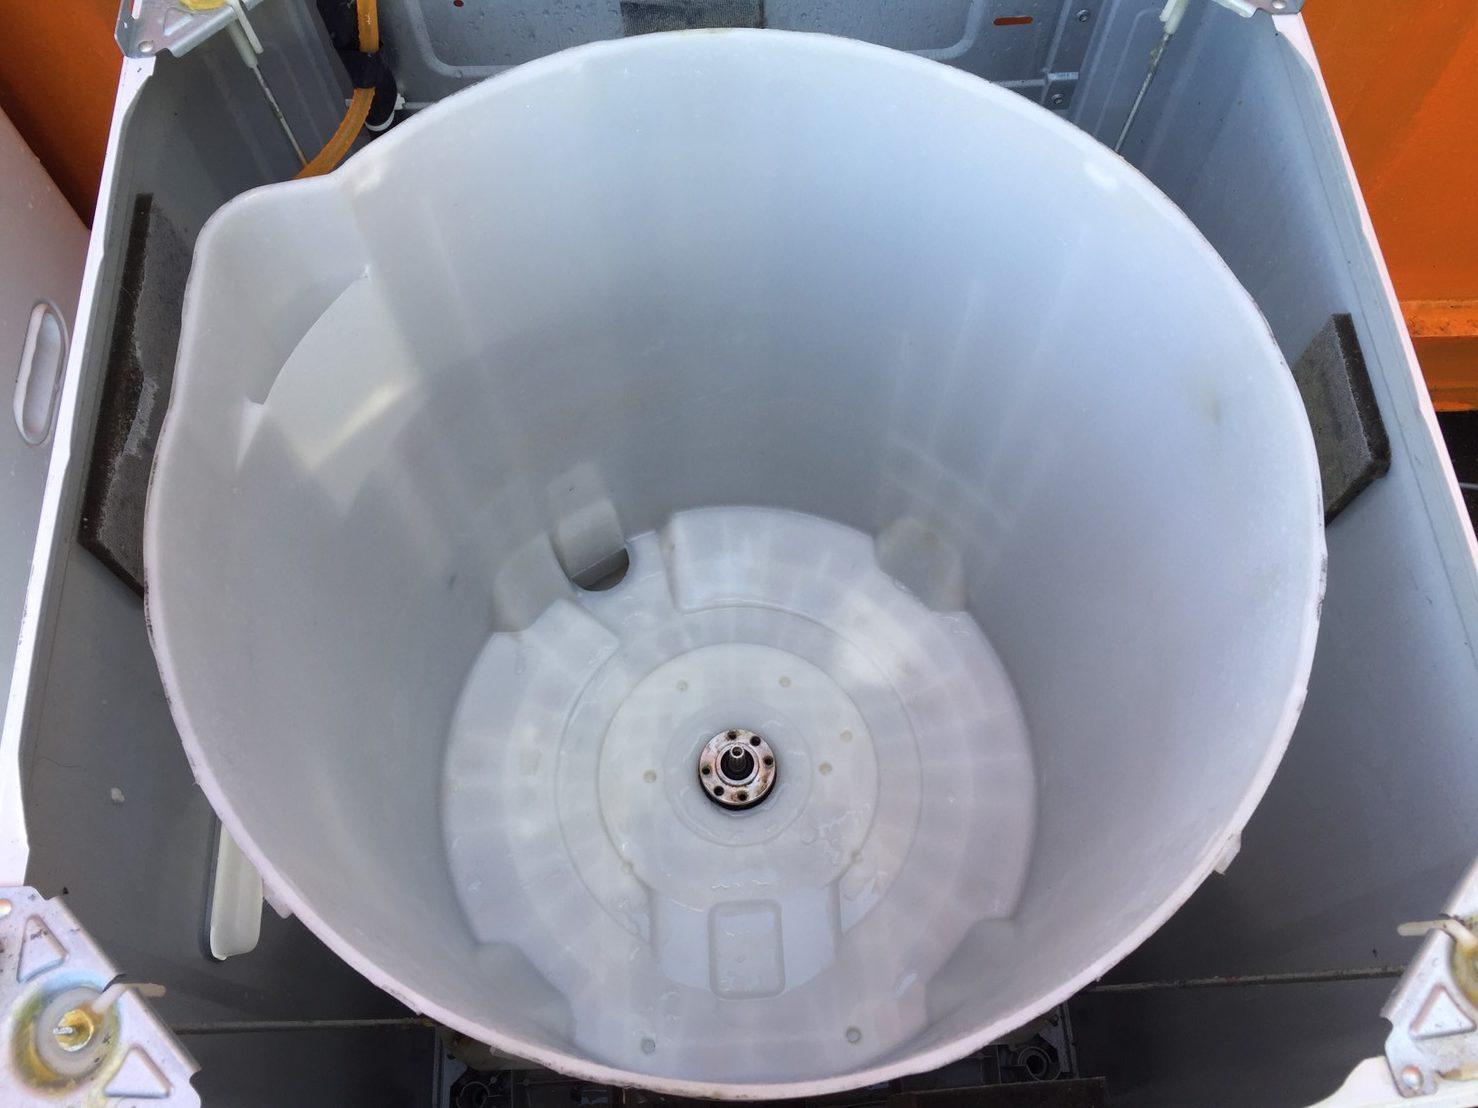 東芝5.0kg洗濯機の(AW-BK5GM)分解とクリーニング方法